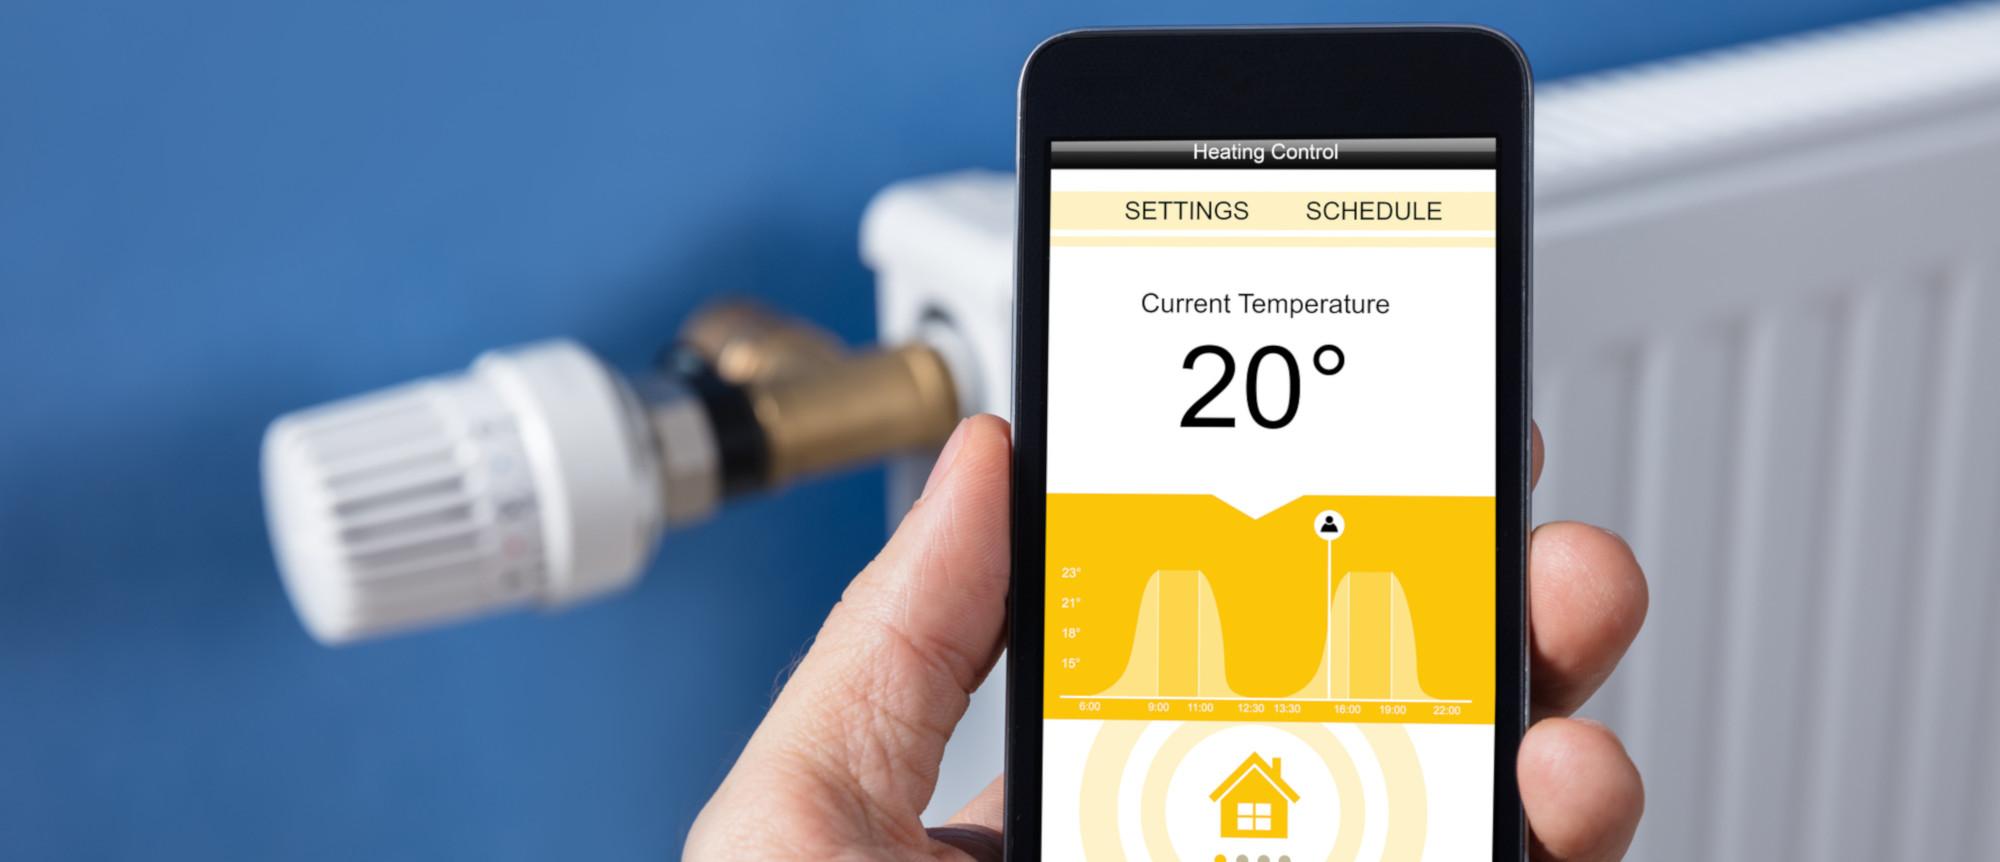 Smart Home: Mit dem Smartphone kann das Heizungsthermostat von überall aus gesteuert werden.